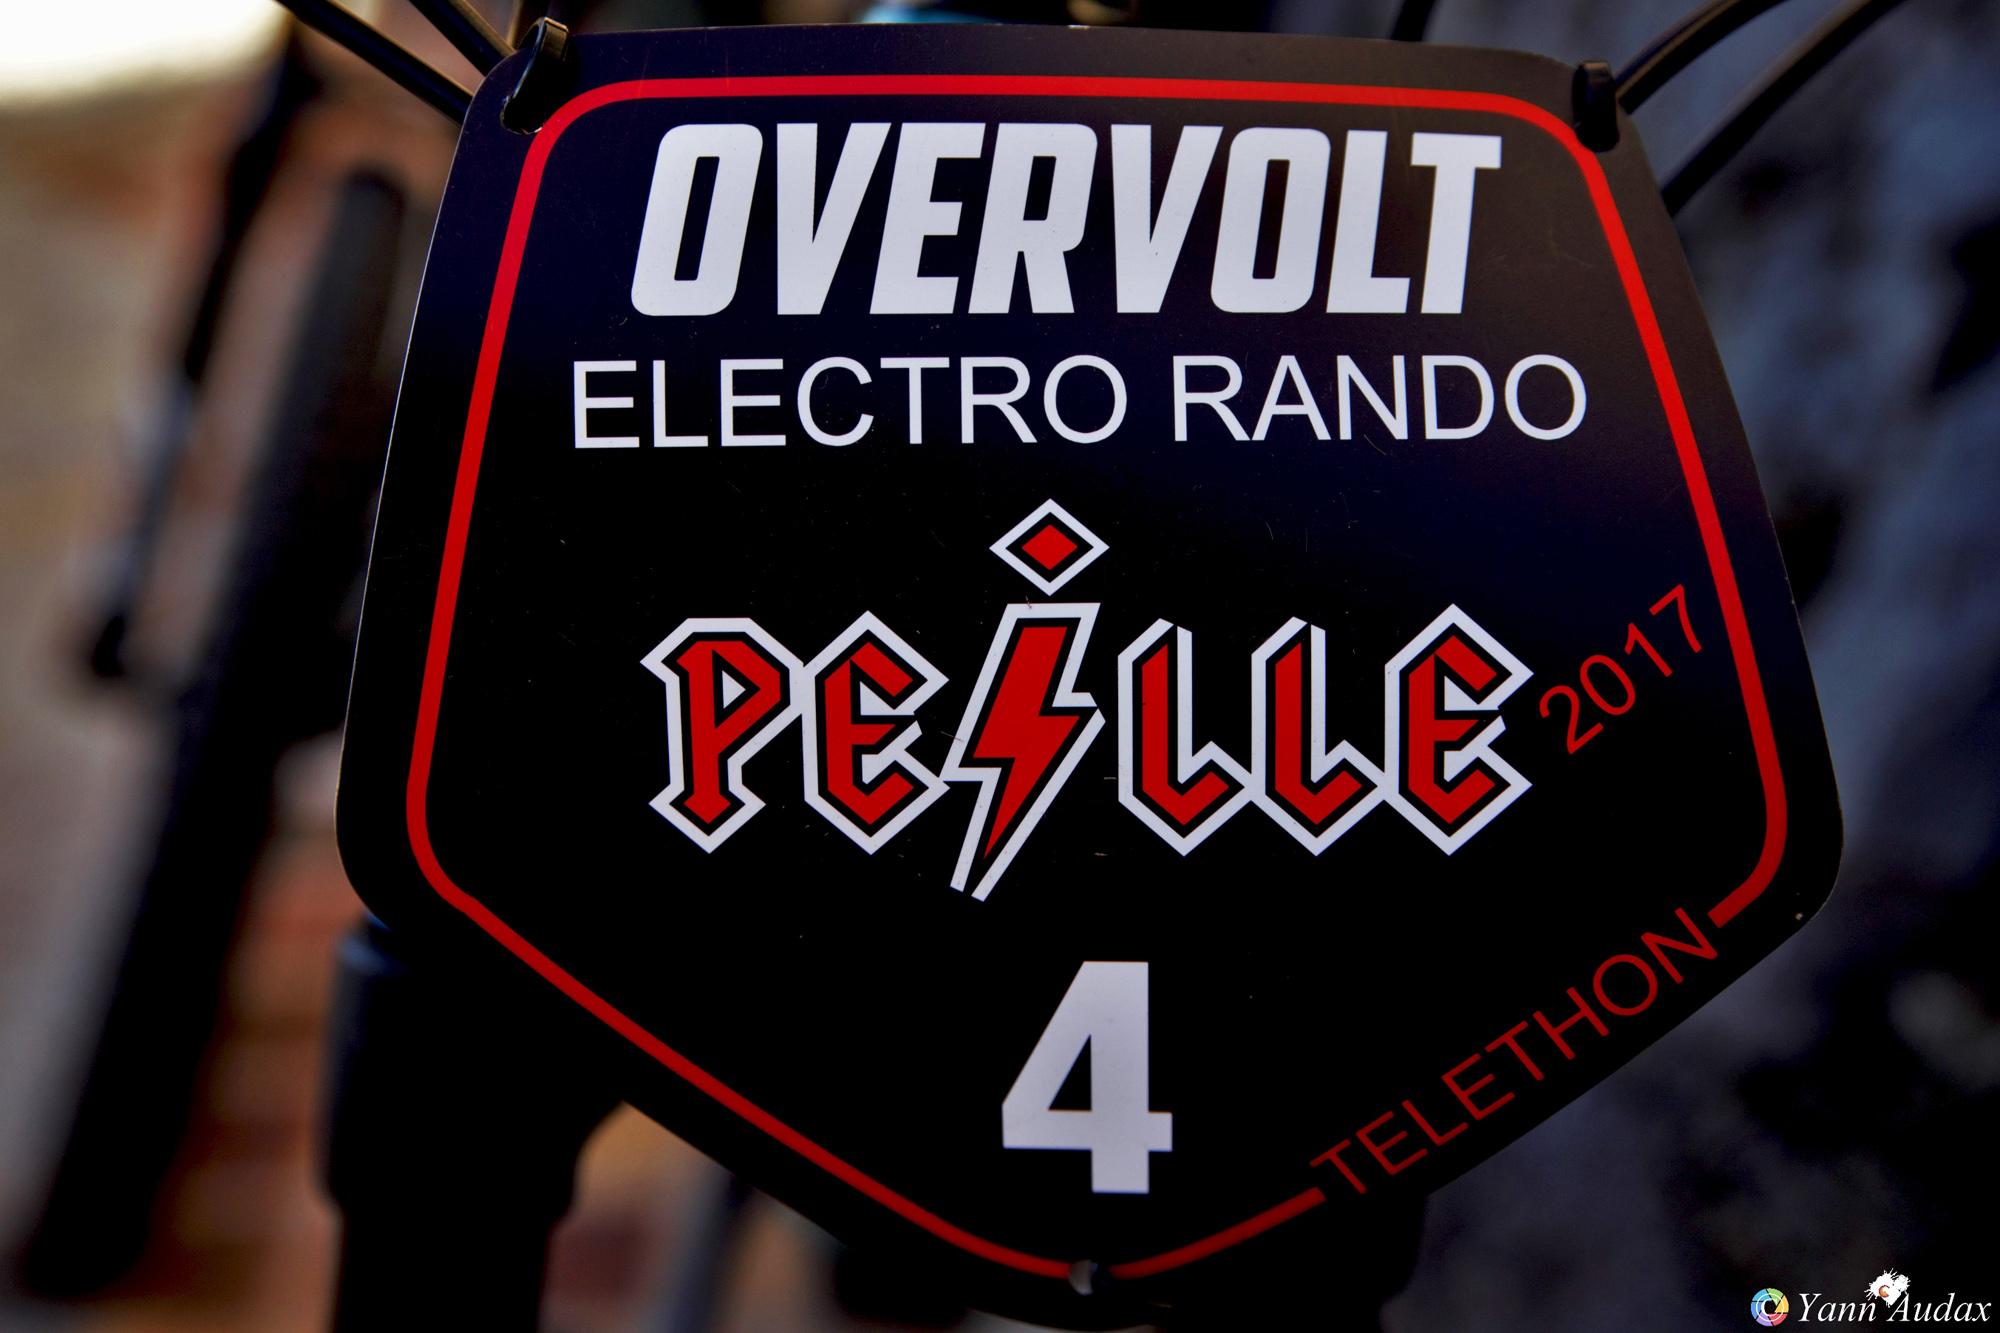 electro peille telethon 2017_yann audax_2